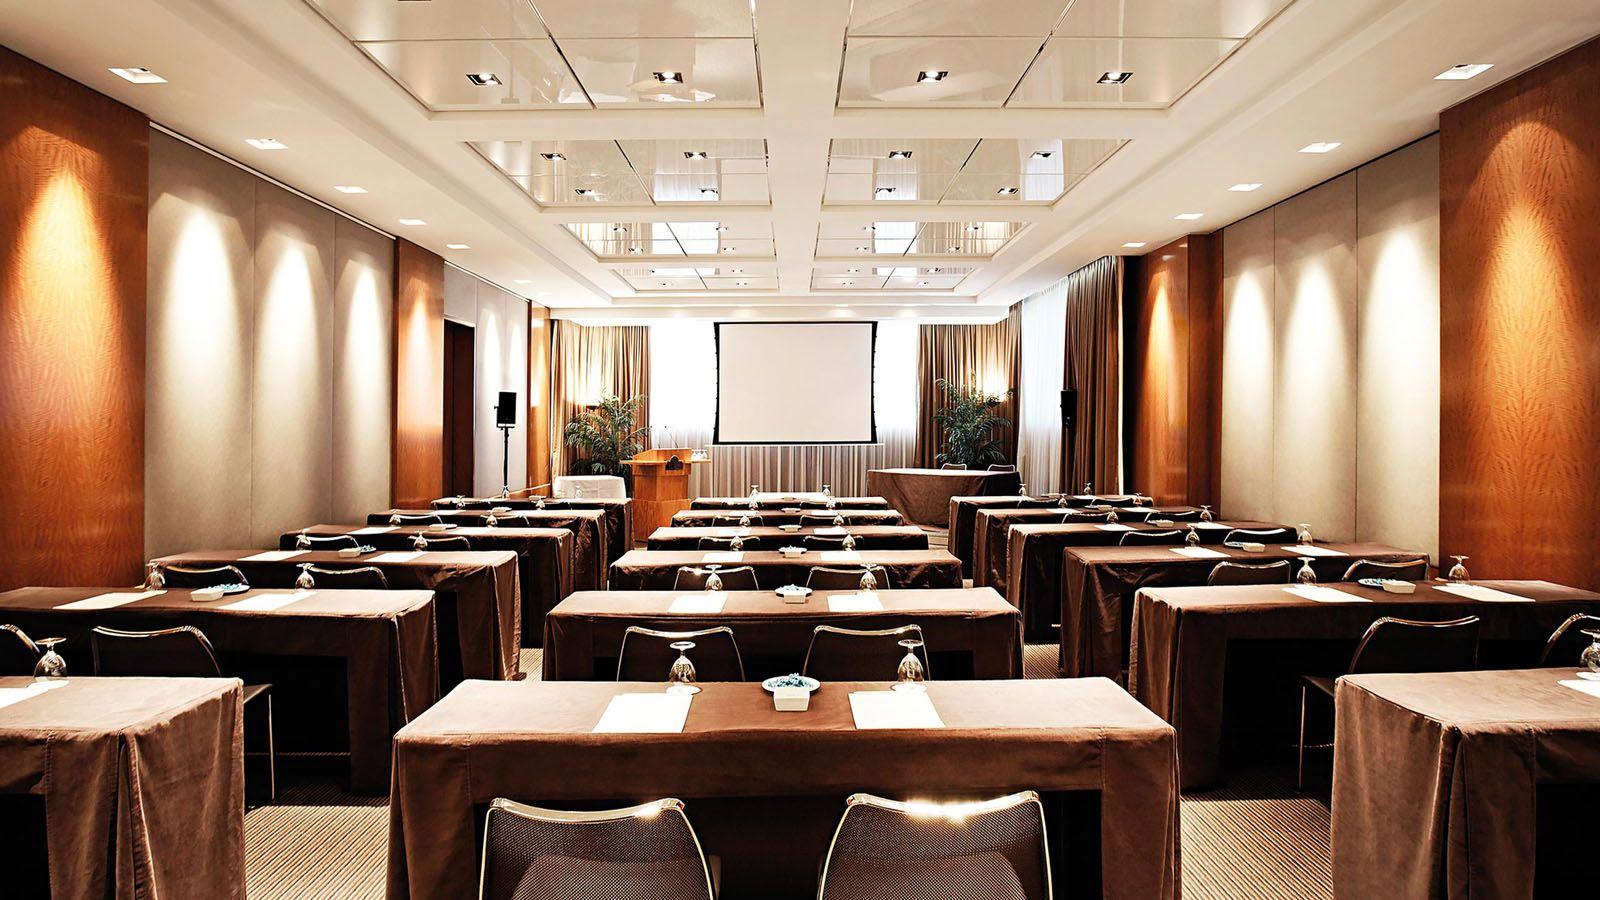 Hotel president wilson geneva in 2019 meeting room for Design hotel geneva